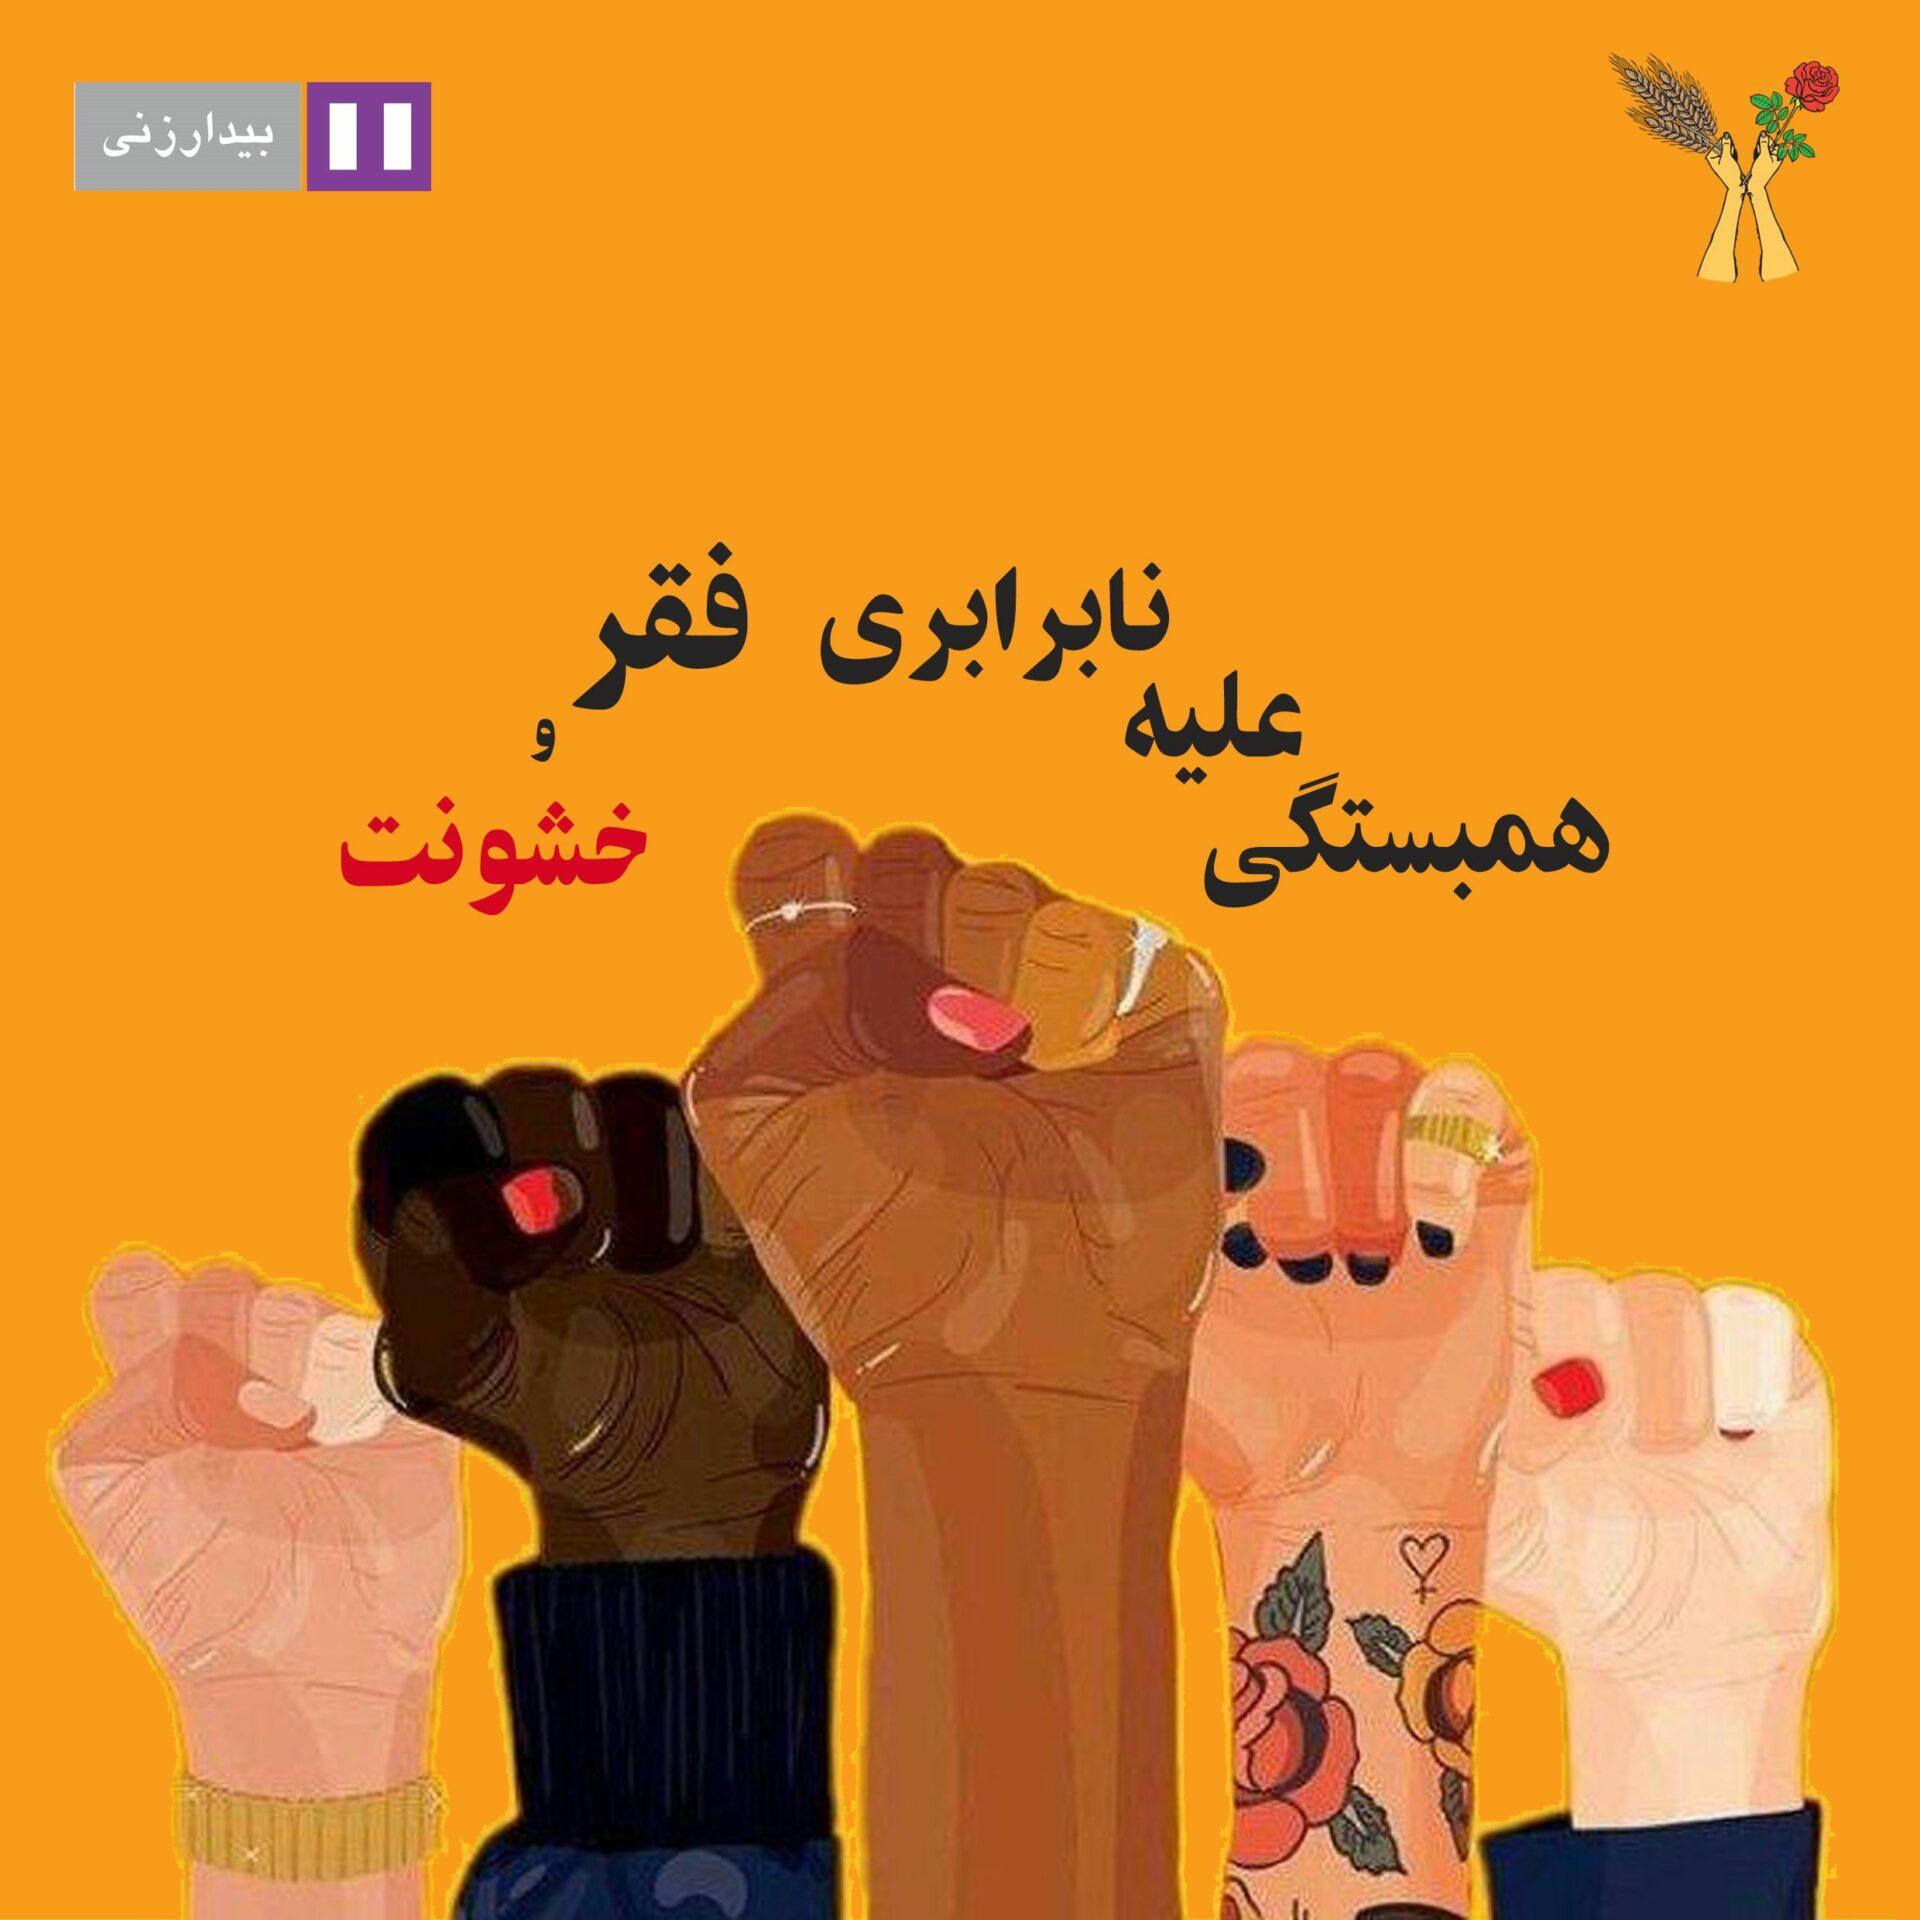 مقاومت هر روزه زنان در گستره فقر و تبعیض جز با اتحاد و همبستگی میسر نیست